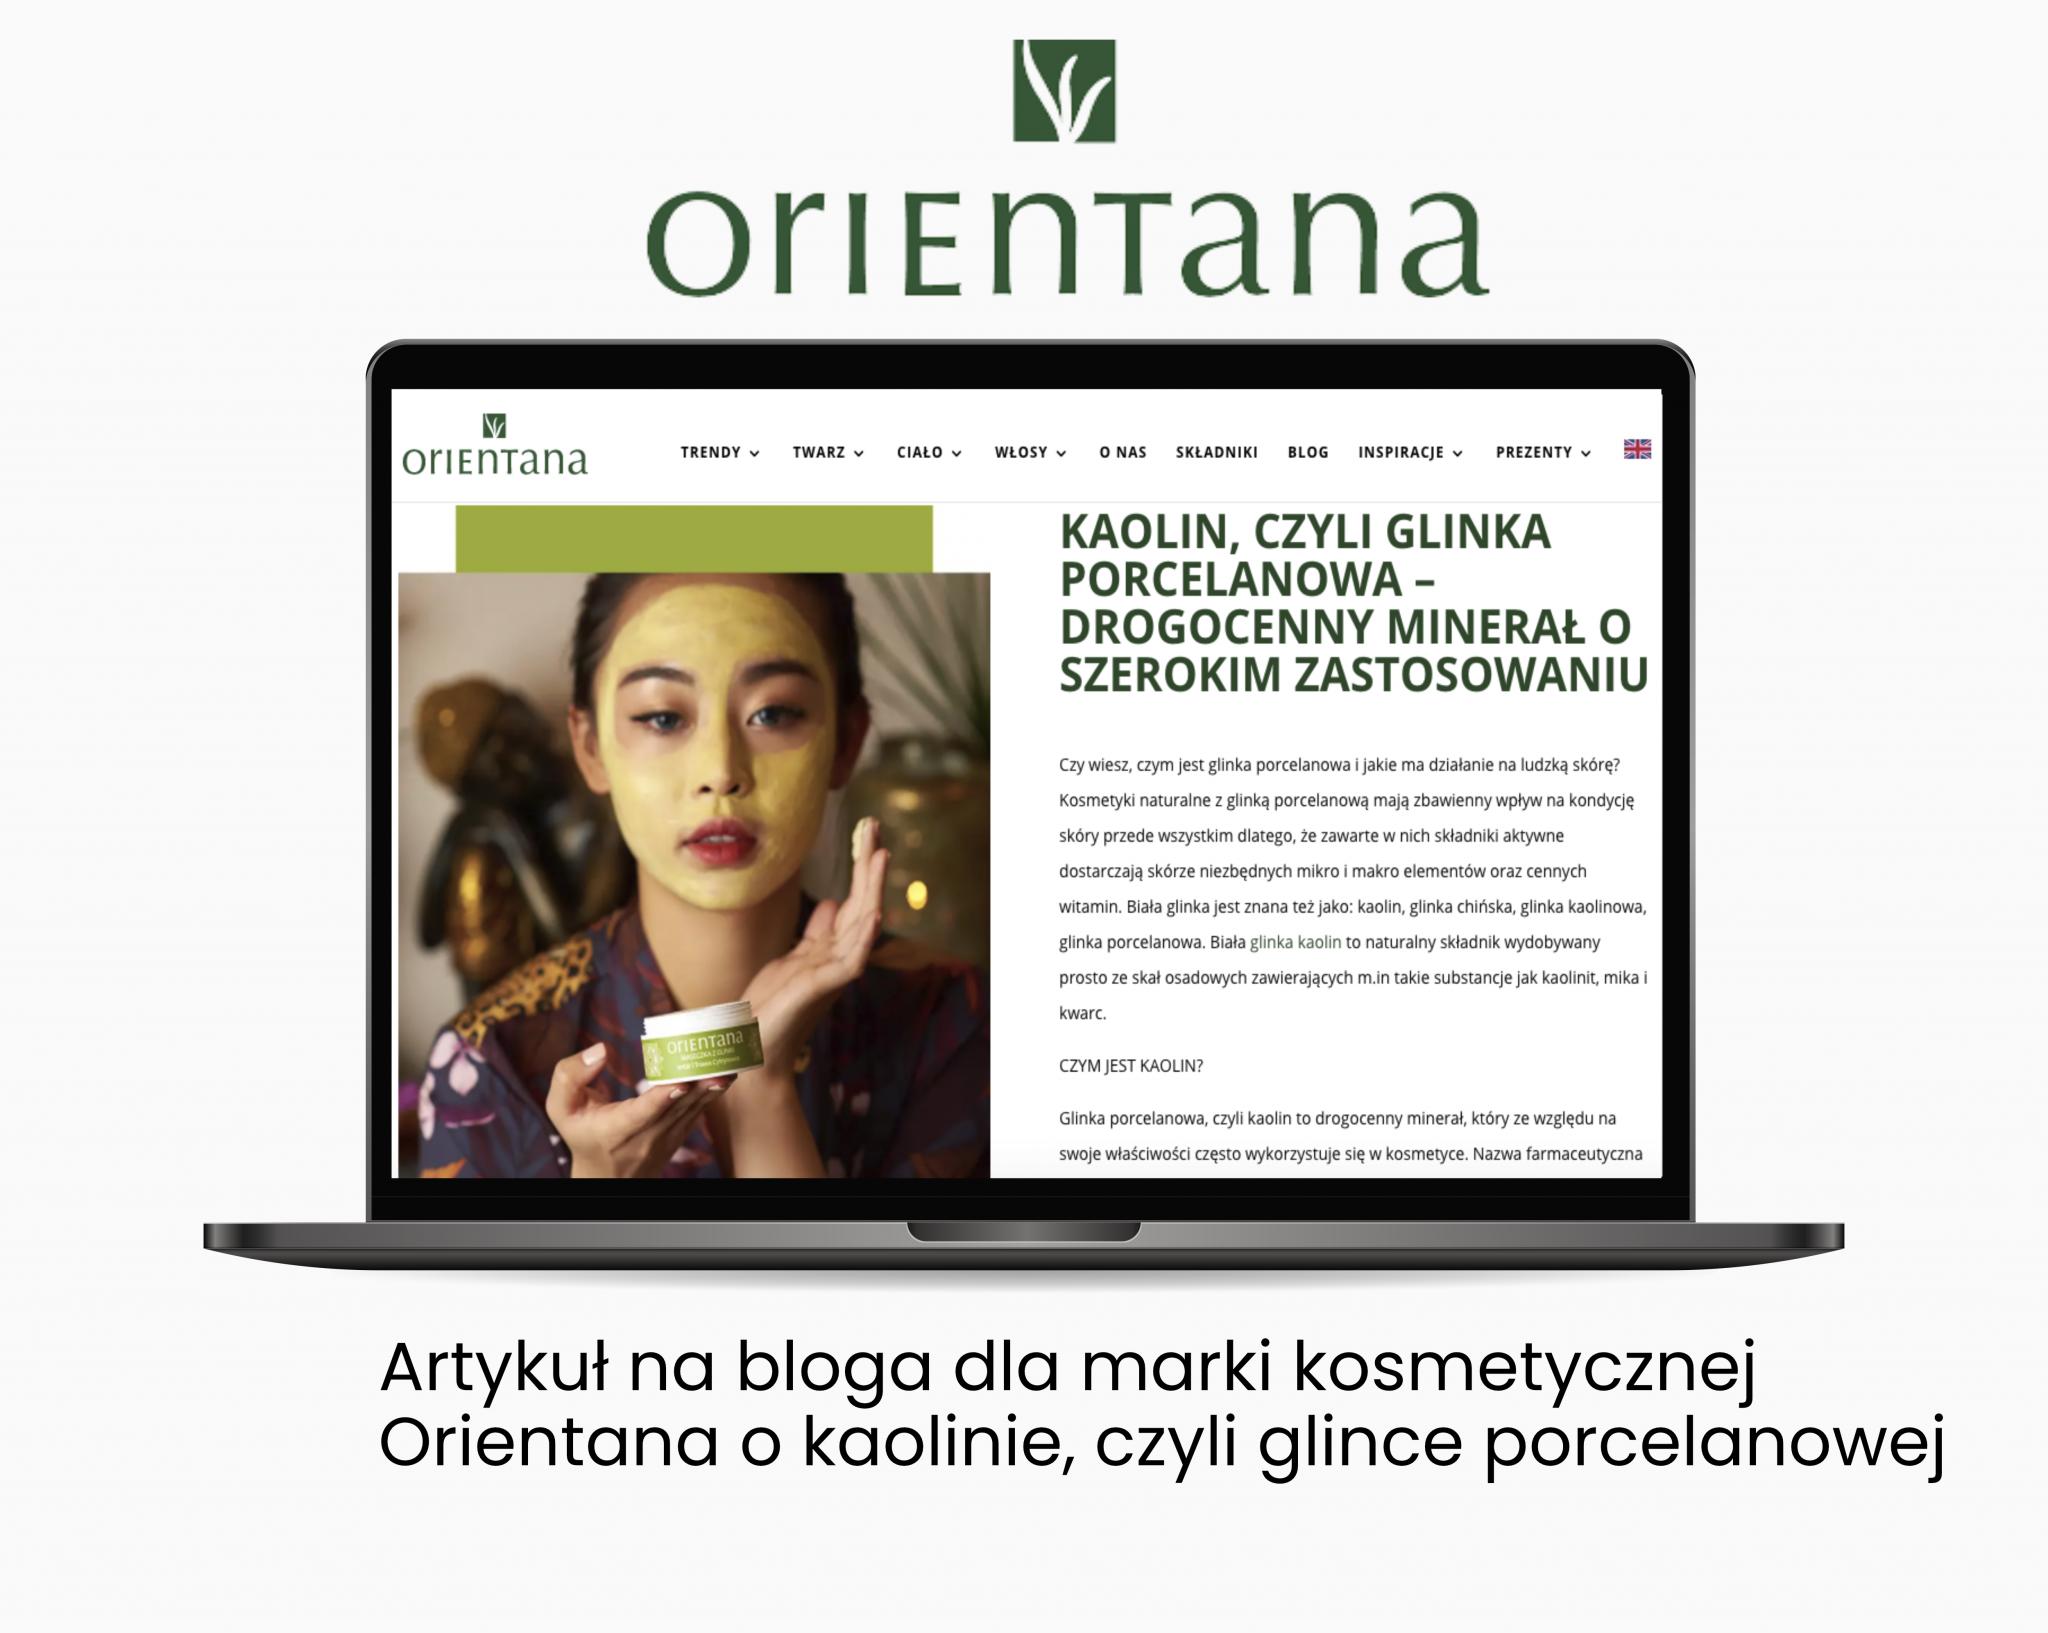 Orientana – artykul nabloga dla marki kosmetycznej - Portfolio copywriterskie Verbal Fairy